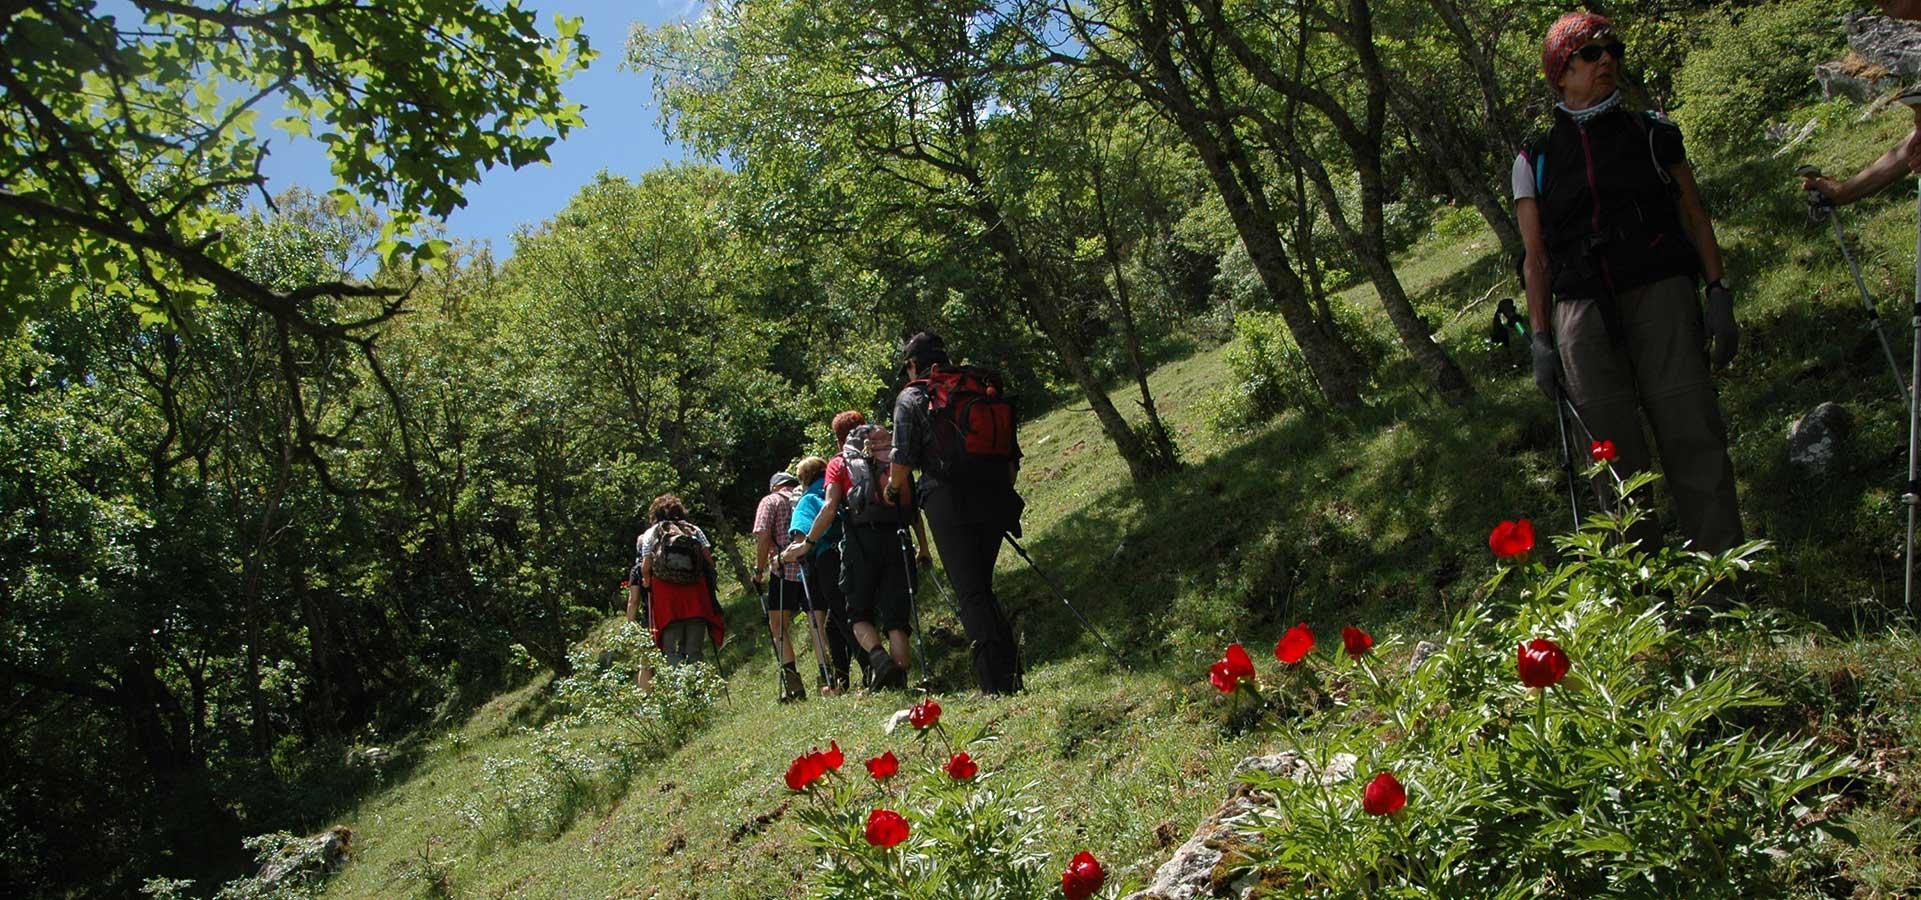 Cammino Basiliano: escursionisti tra le peonie